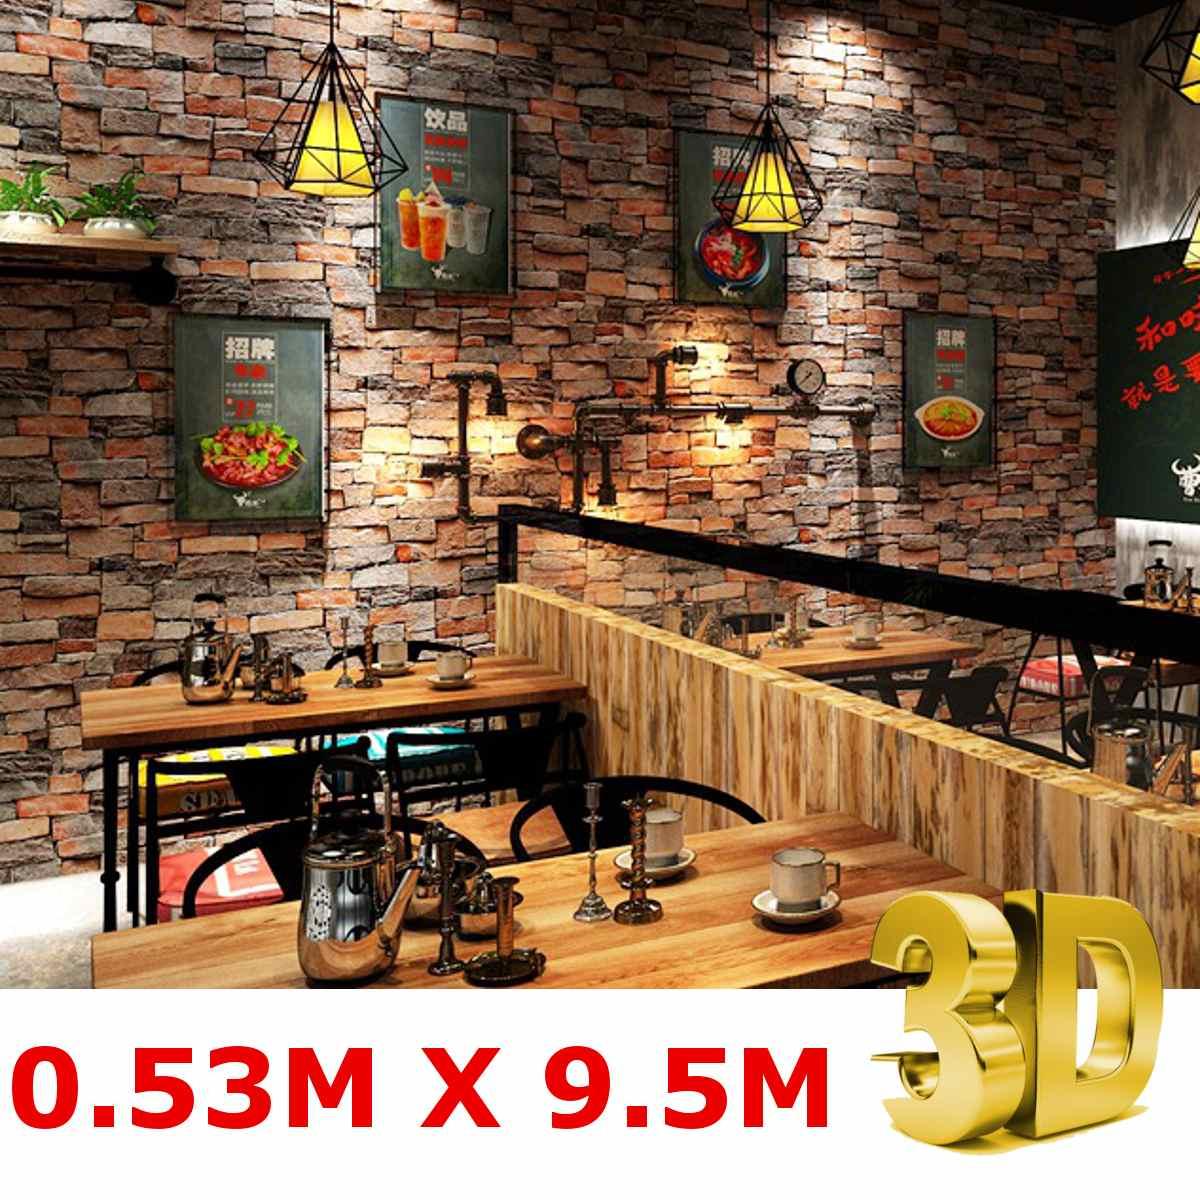 3D PVC imperméable à l'eau papiers peints murs autocollants Vintage pierre brique papier peint rouleau pour salon Restaurant décor 53x9.5m